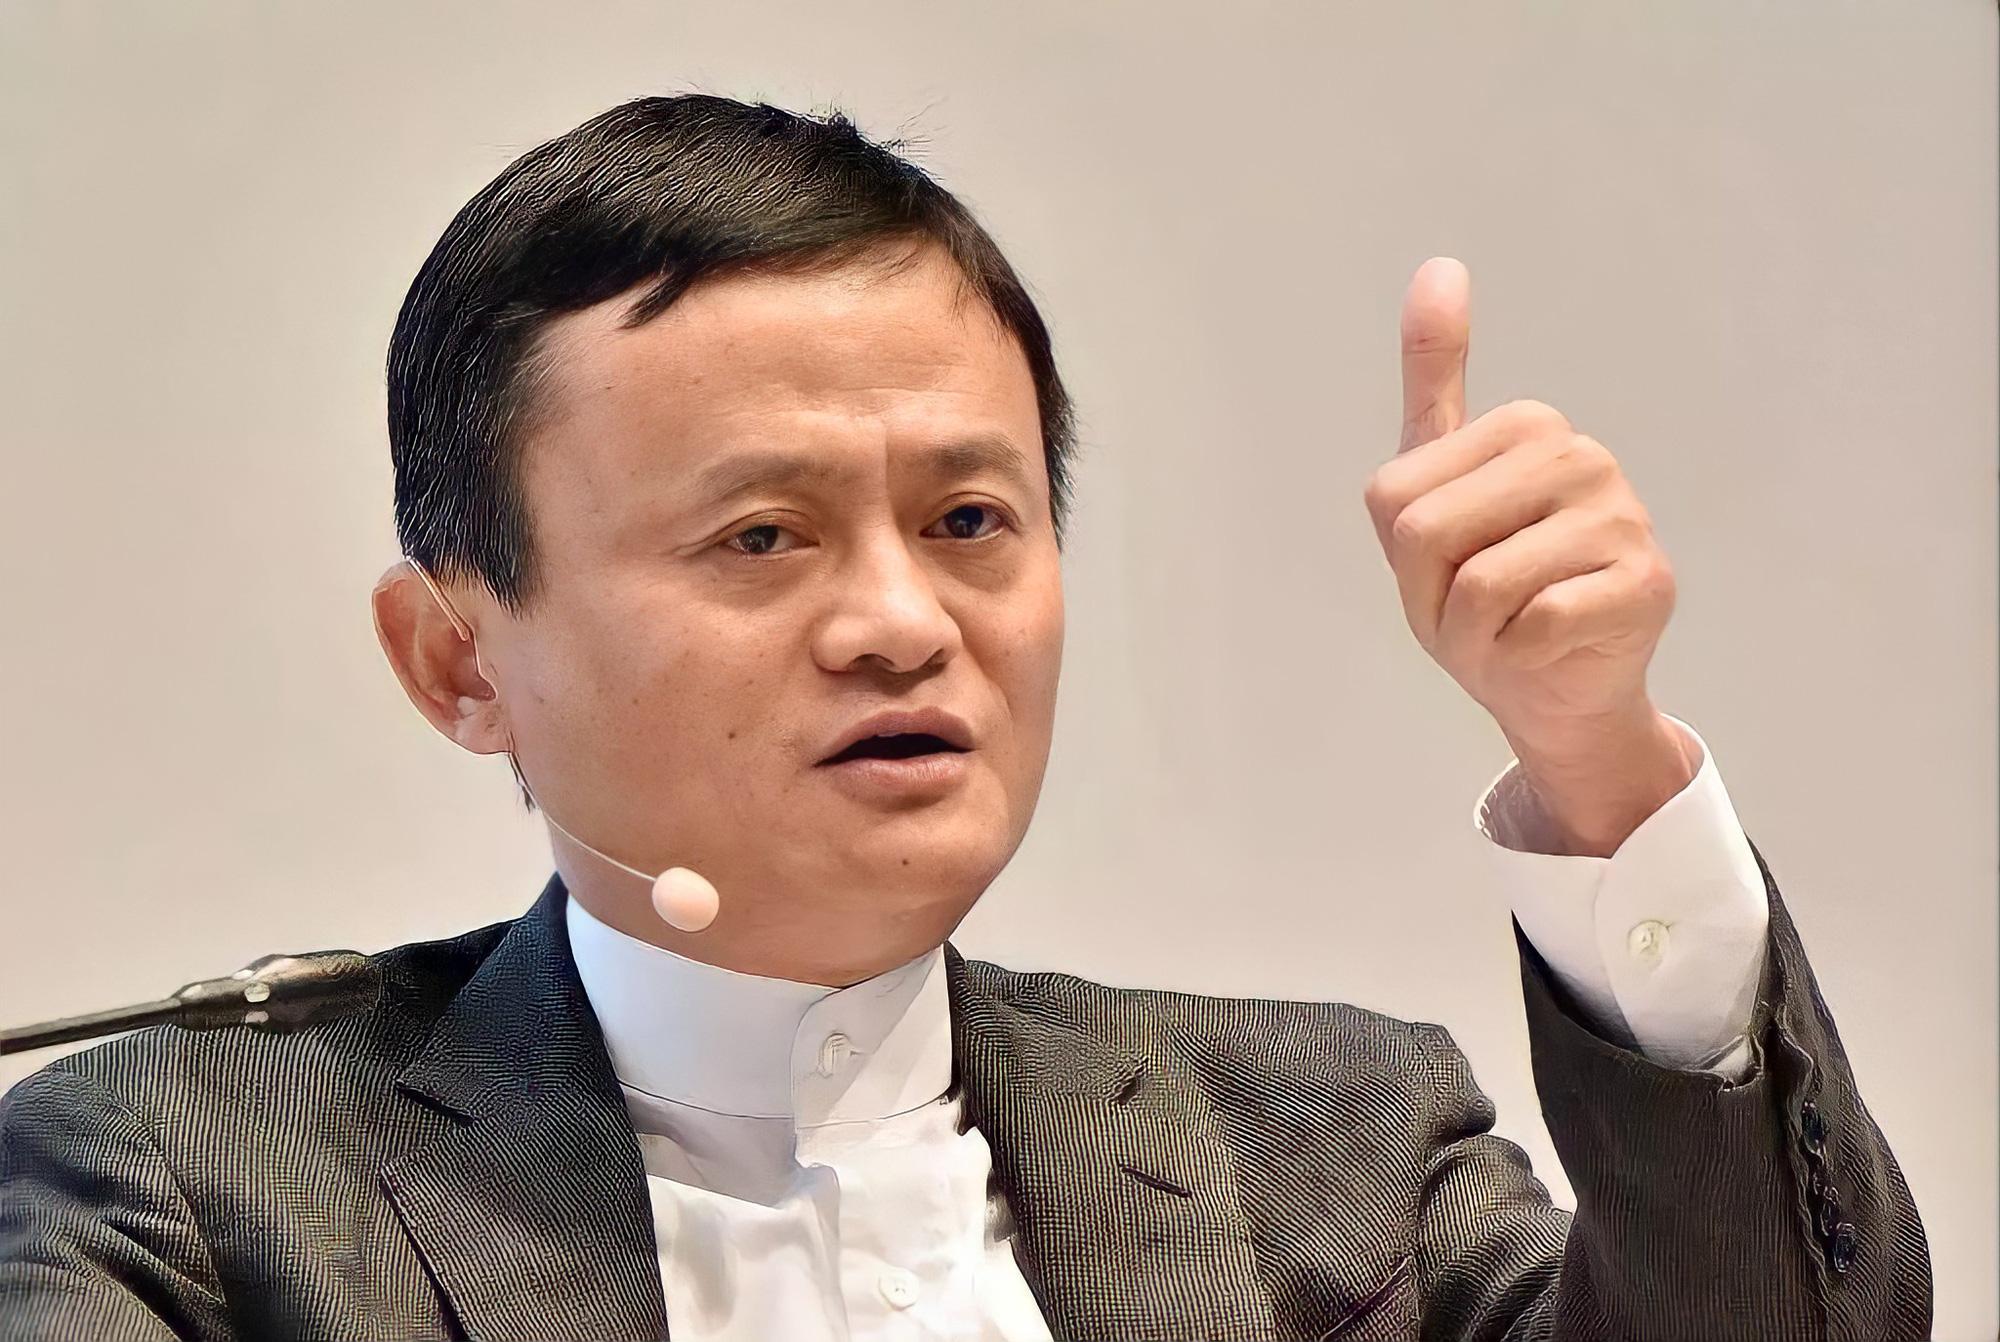 Nữ hoàng tài chính xinh đẹp như búp bê Barbie là ai mà khiến Jack Ma phải 3 lần bay đến tận Thung lũng Silicon để thu phục? - Ảnh 4.